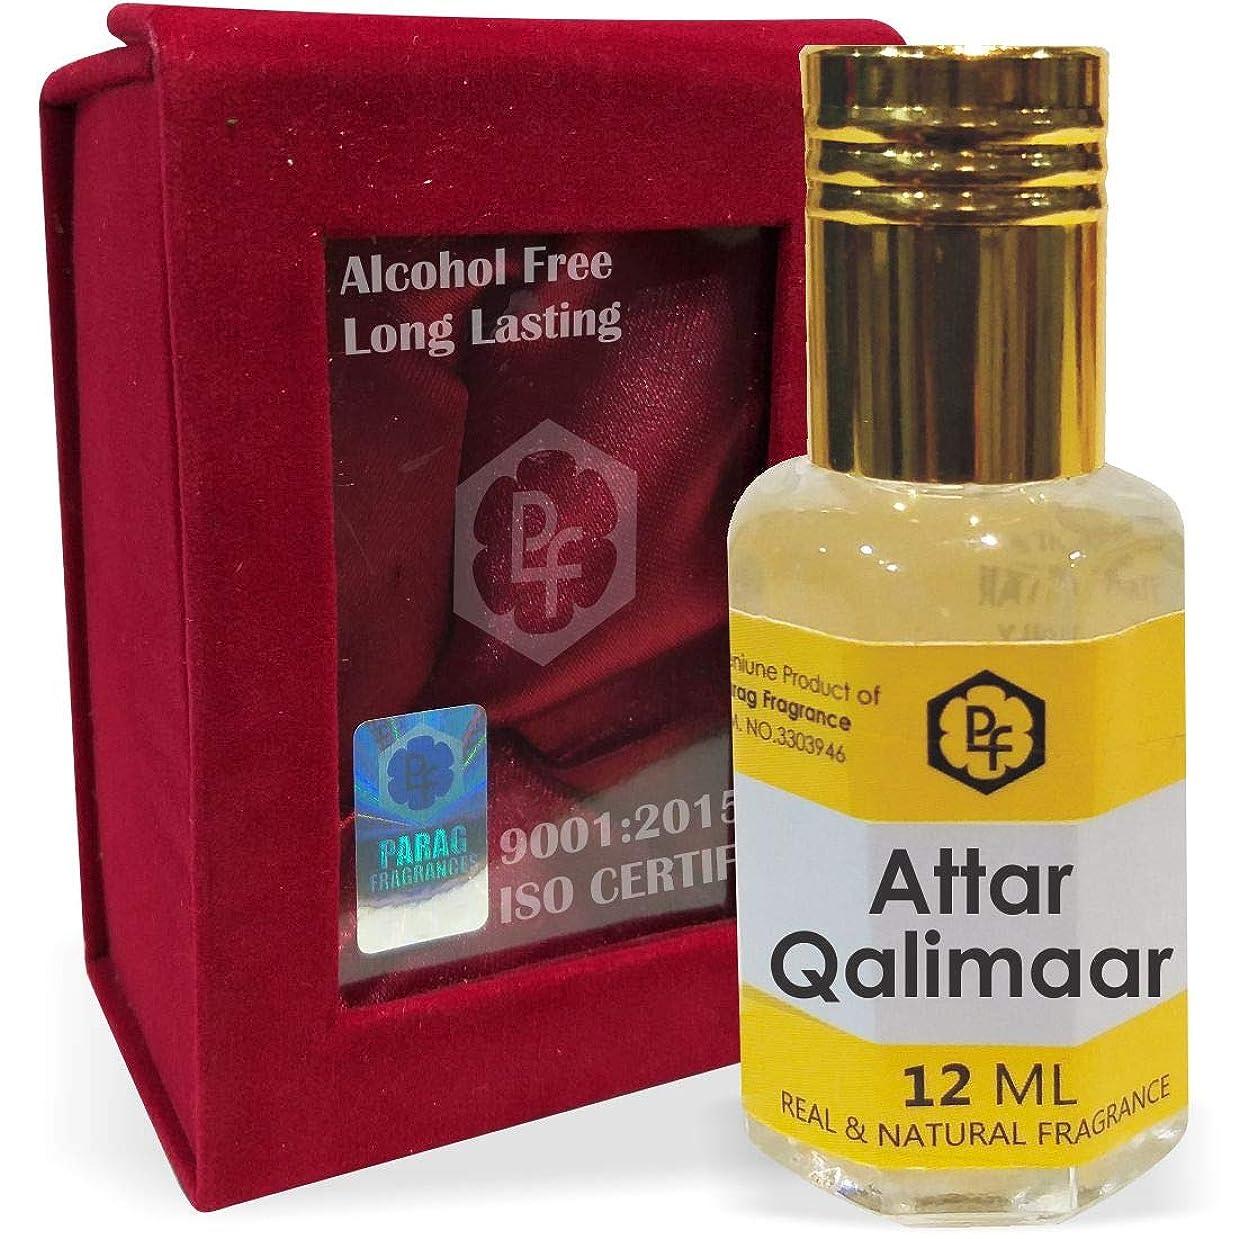 プット石病気ParagフレグランスQalimaar手作りベルベットボックス12ミリリットルアター/香水(インドの伝統的なBhapka処理方法により、インド製)オイル/フレグランスオイル|長持ちアターITRA最高の品質